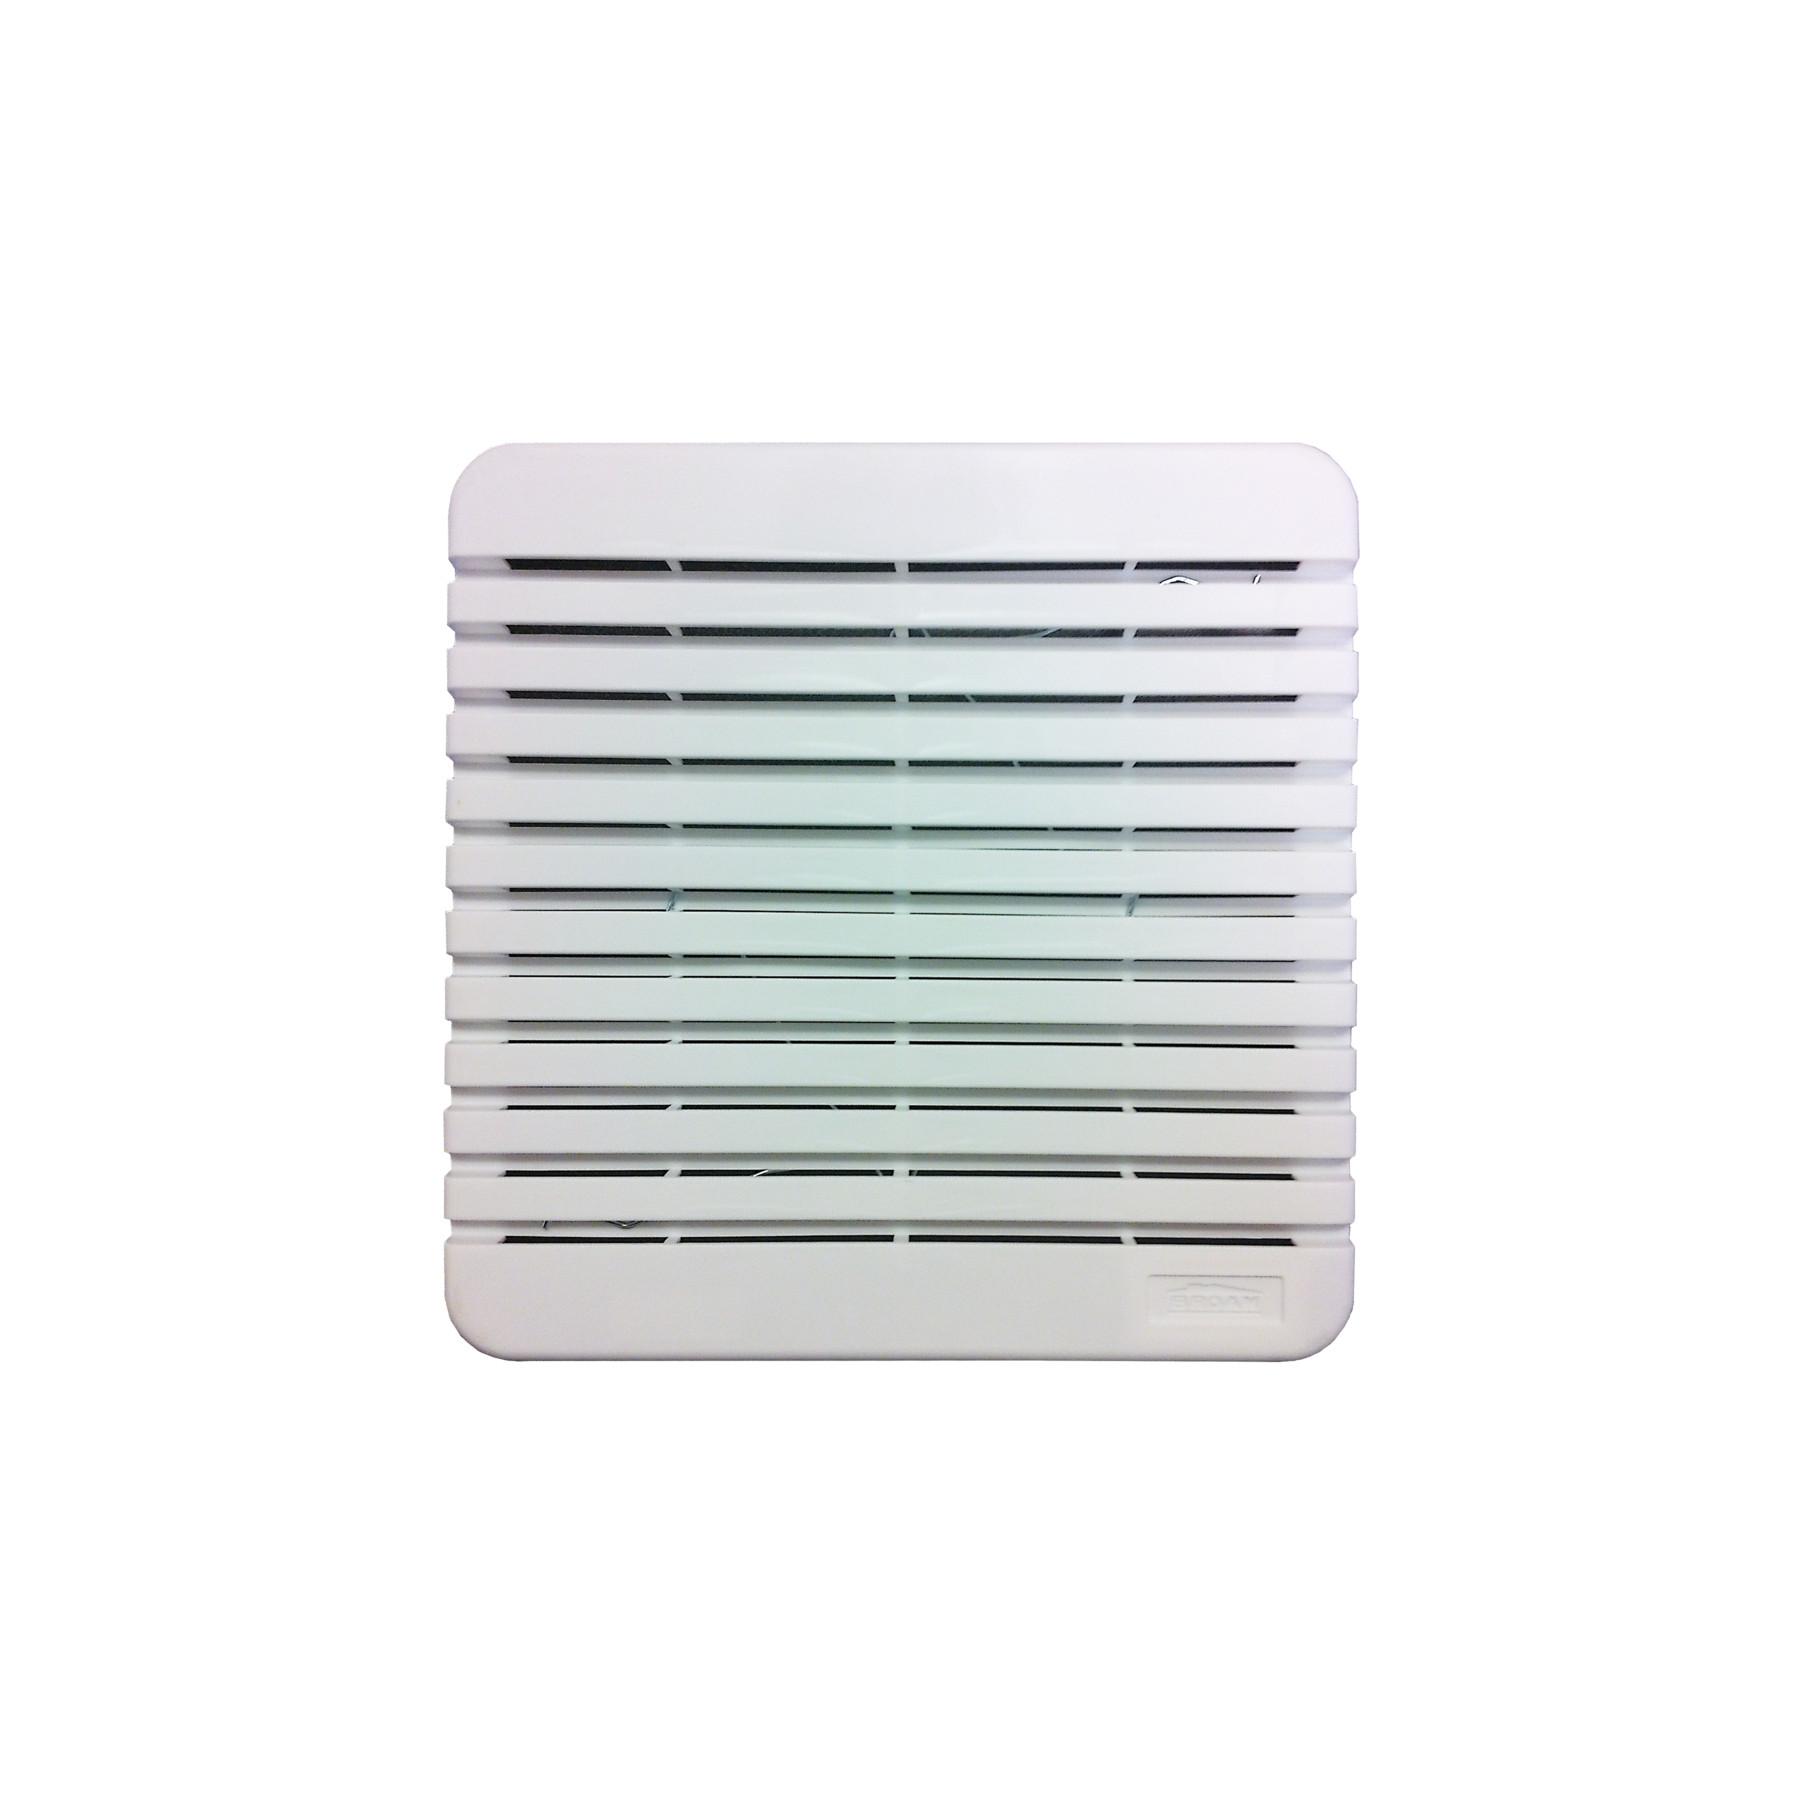 Grille de remplacement pour ventilateurs 650, 660, 675